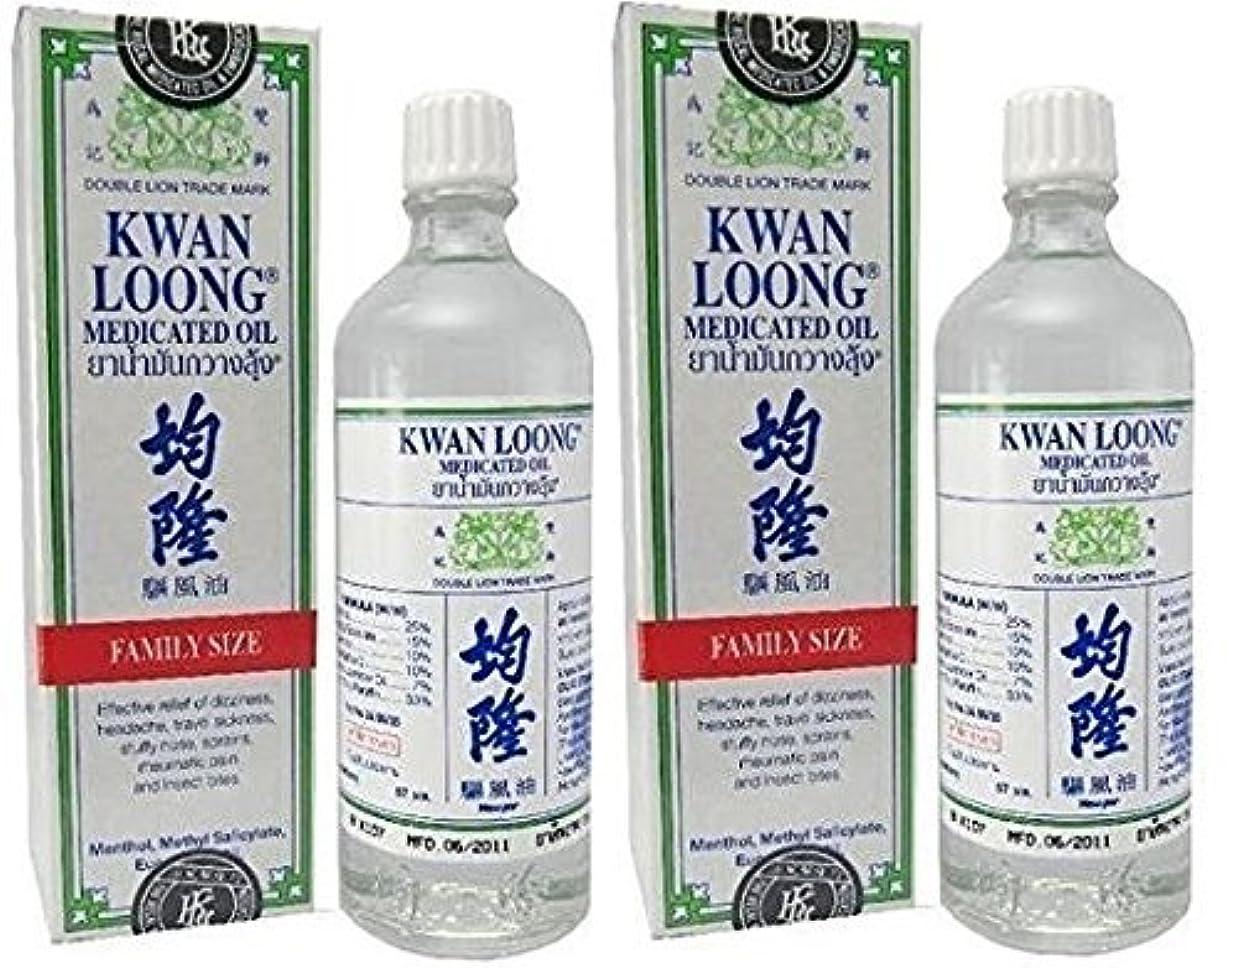 作者動力学ぐるぐるクワンルーン薬用オイル 2 x 57ミリリットル 2 x Kwan Loong Medicated Oil 57ml. Free Shipping.